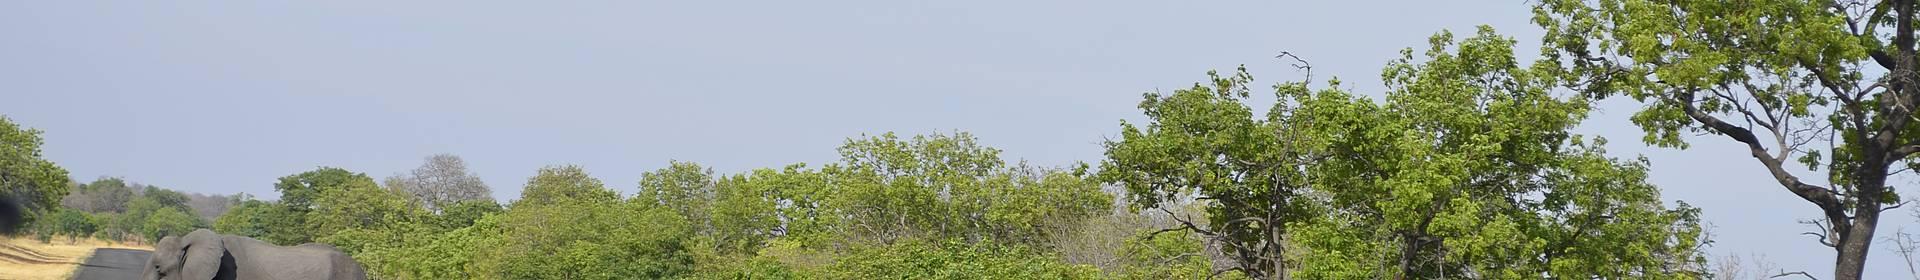 Caprivi Zipfel